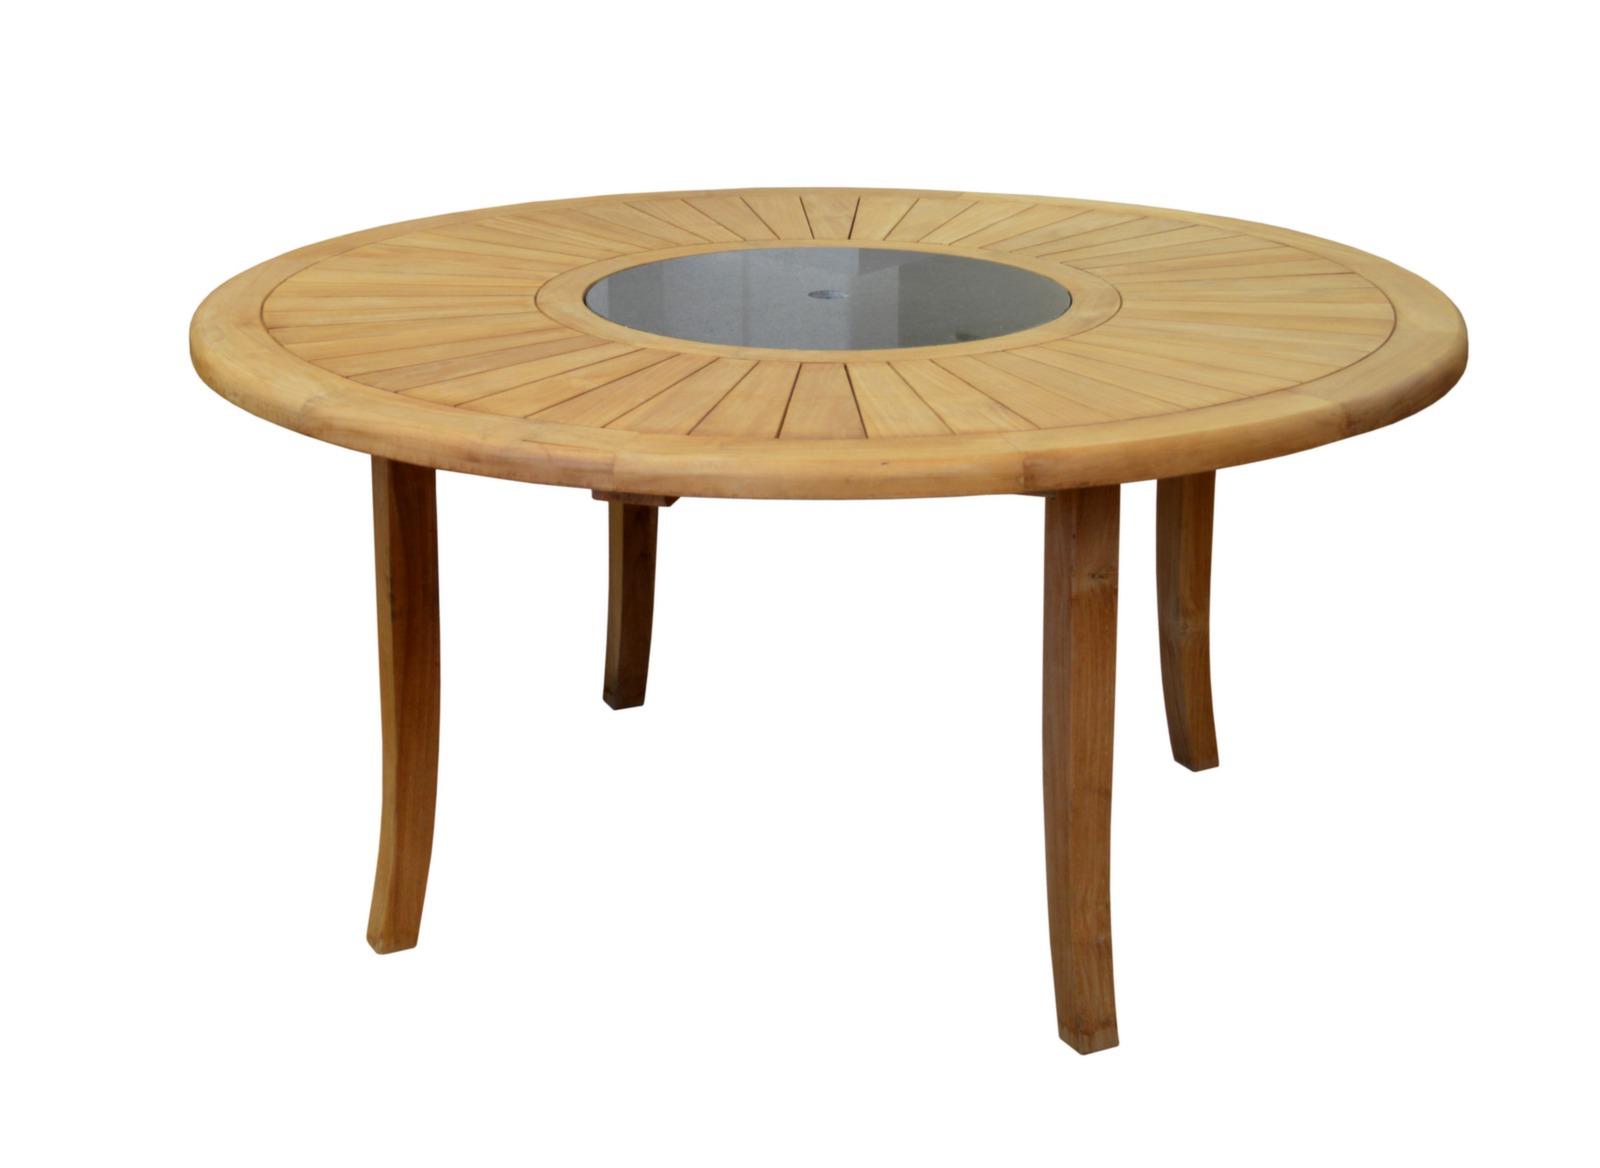 ides d de table jardin ronde en teck avec plateau tournant concernant leclerc table de jardin ronde en teck avec plateau tournant leclerc best salon pictures idees et 1